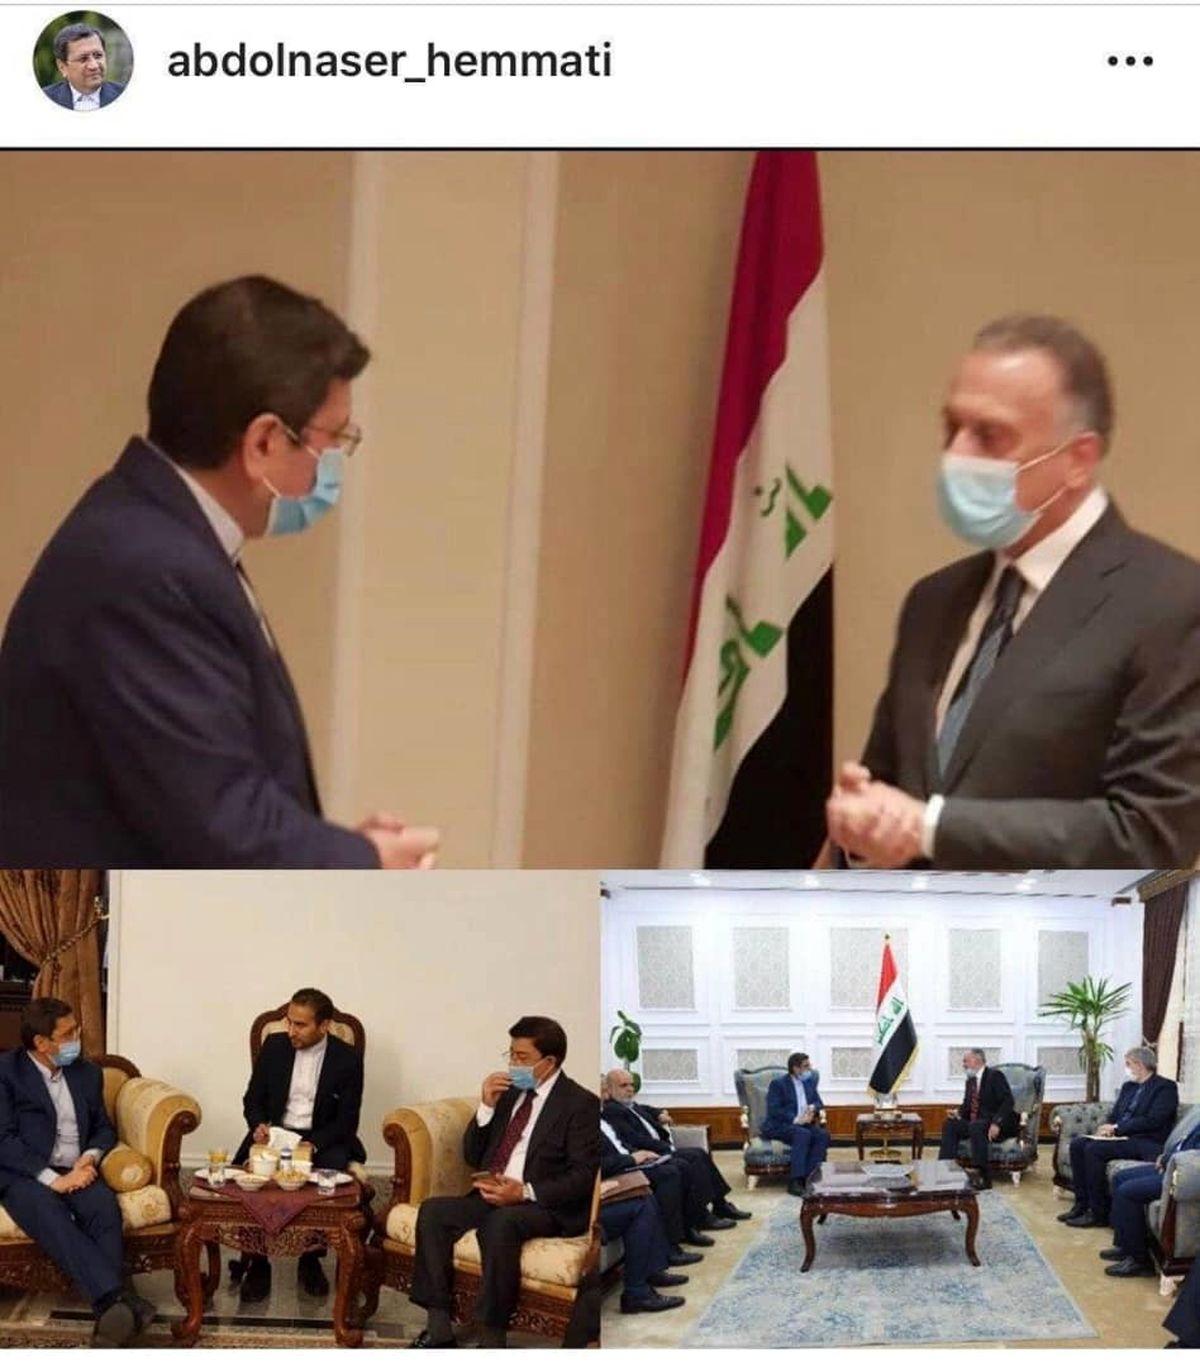 سال گذشته توافقنامه صادراتی خوبی با عراق امضا کردیم/ نحوه اجرای تفاهمنامه و استفاده از منابع بانکی برای خرید کالاو دارو